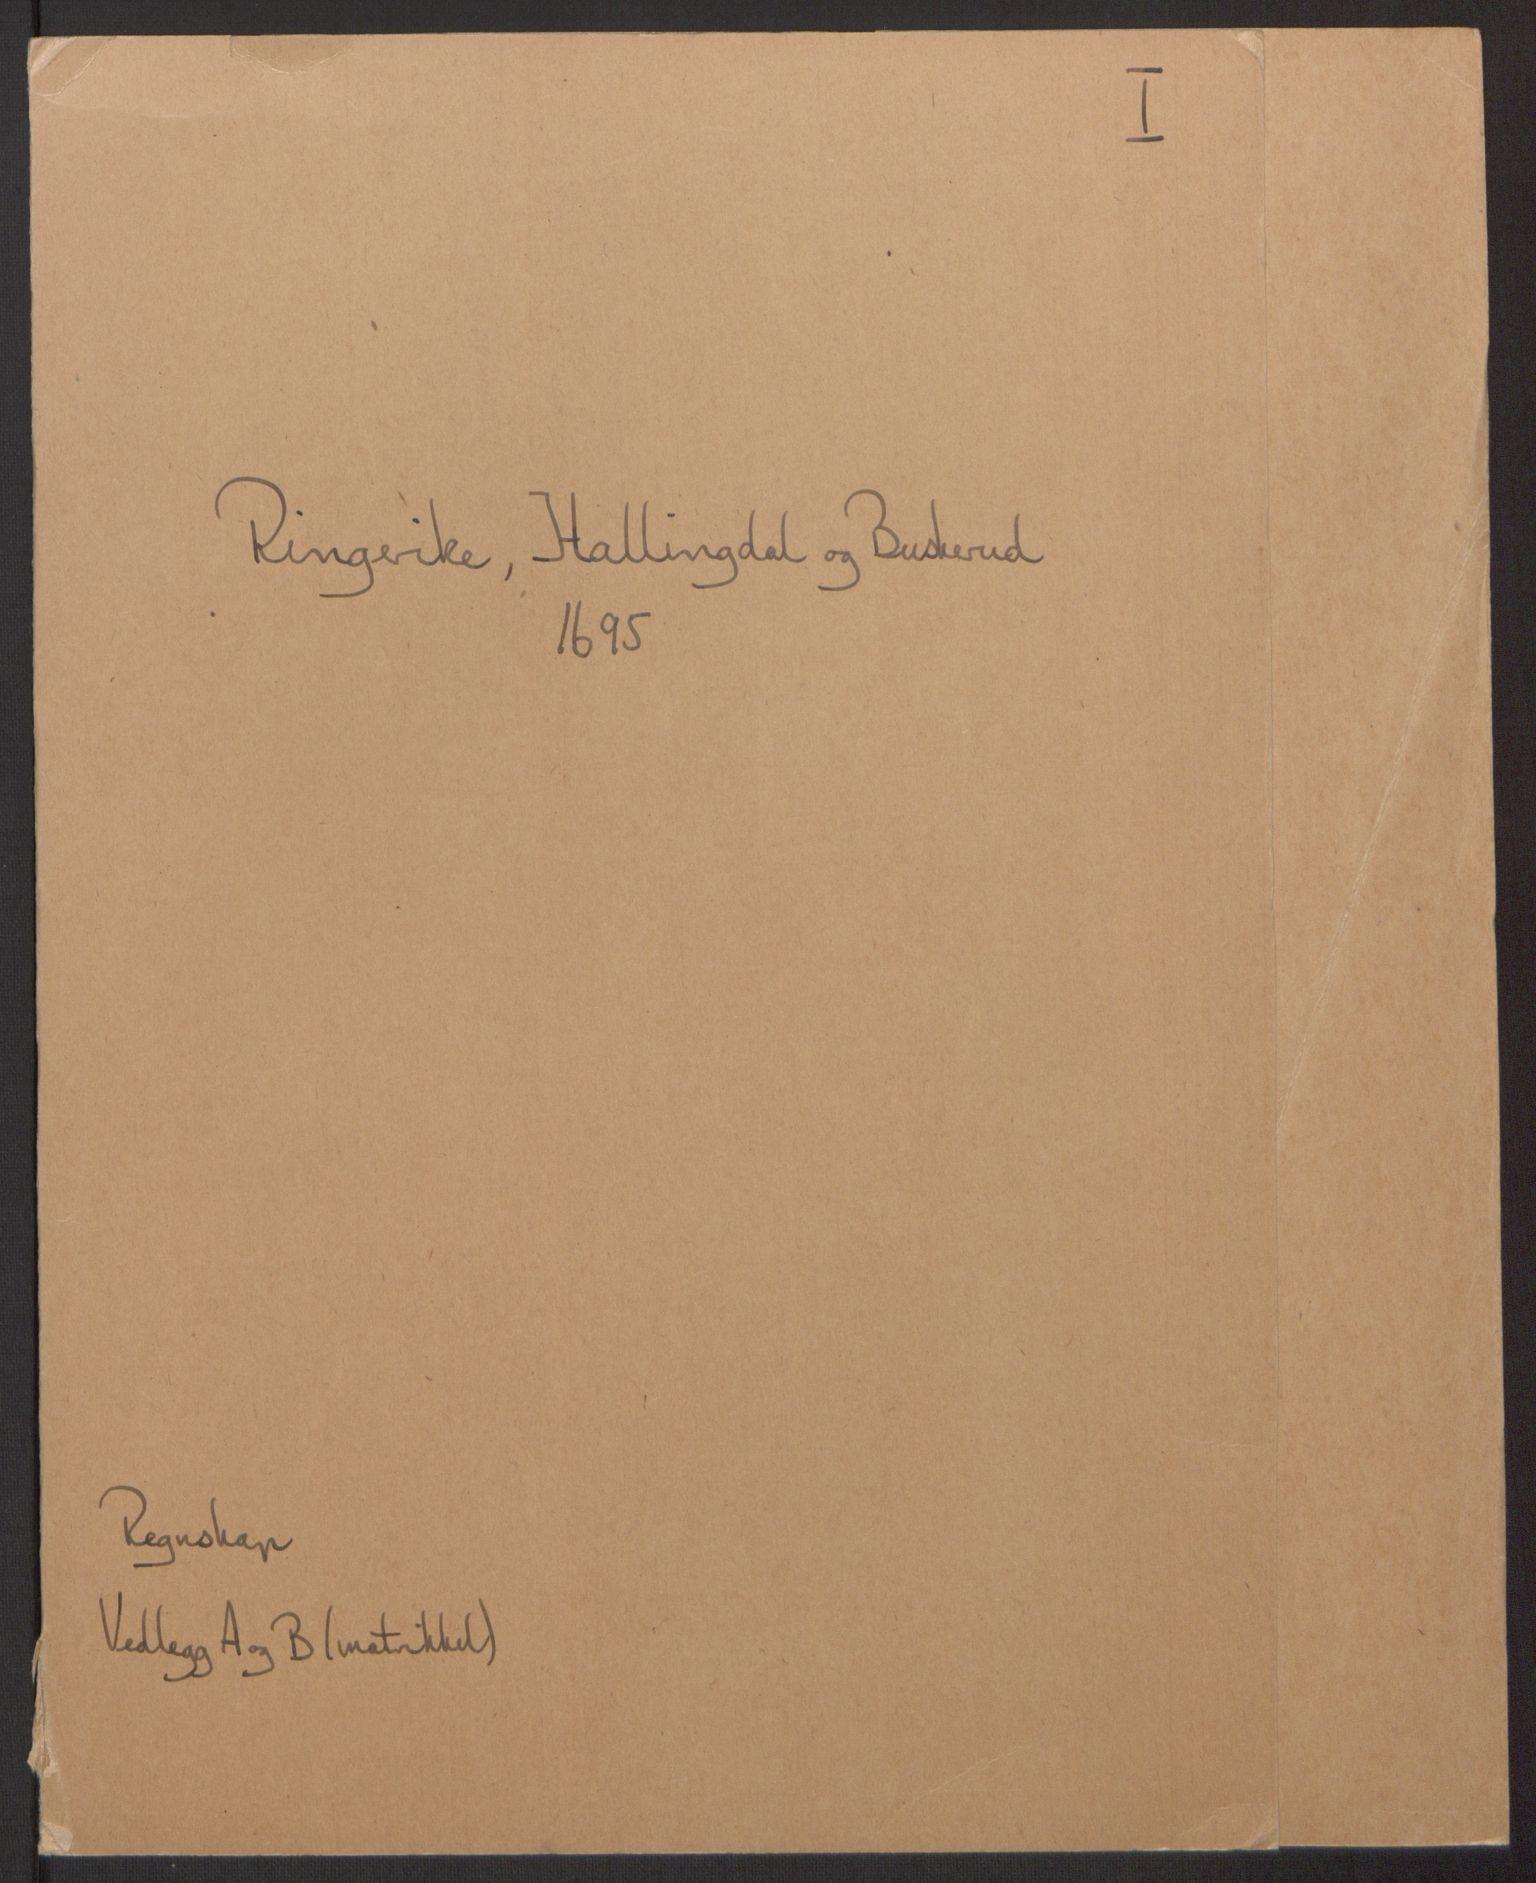 RA, Rentekammeret inntil 1814, Reviderte regnskaper, Fogderegnskap, R22/L1452: Fogderegnskap Ringerike, Hallingdal og Buskerud, 1695, s. 2